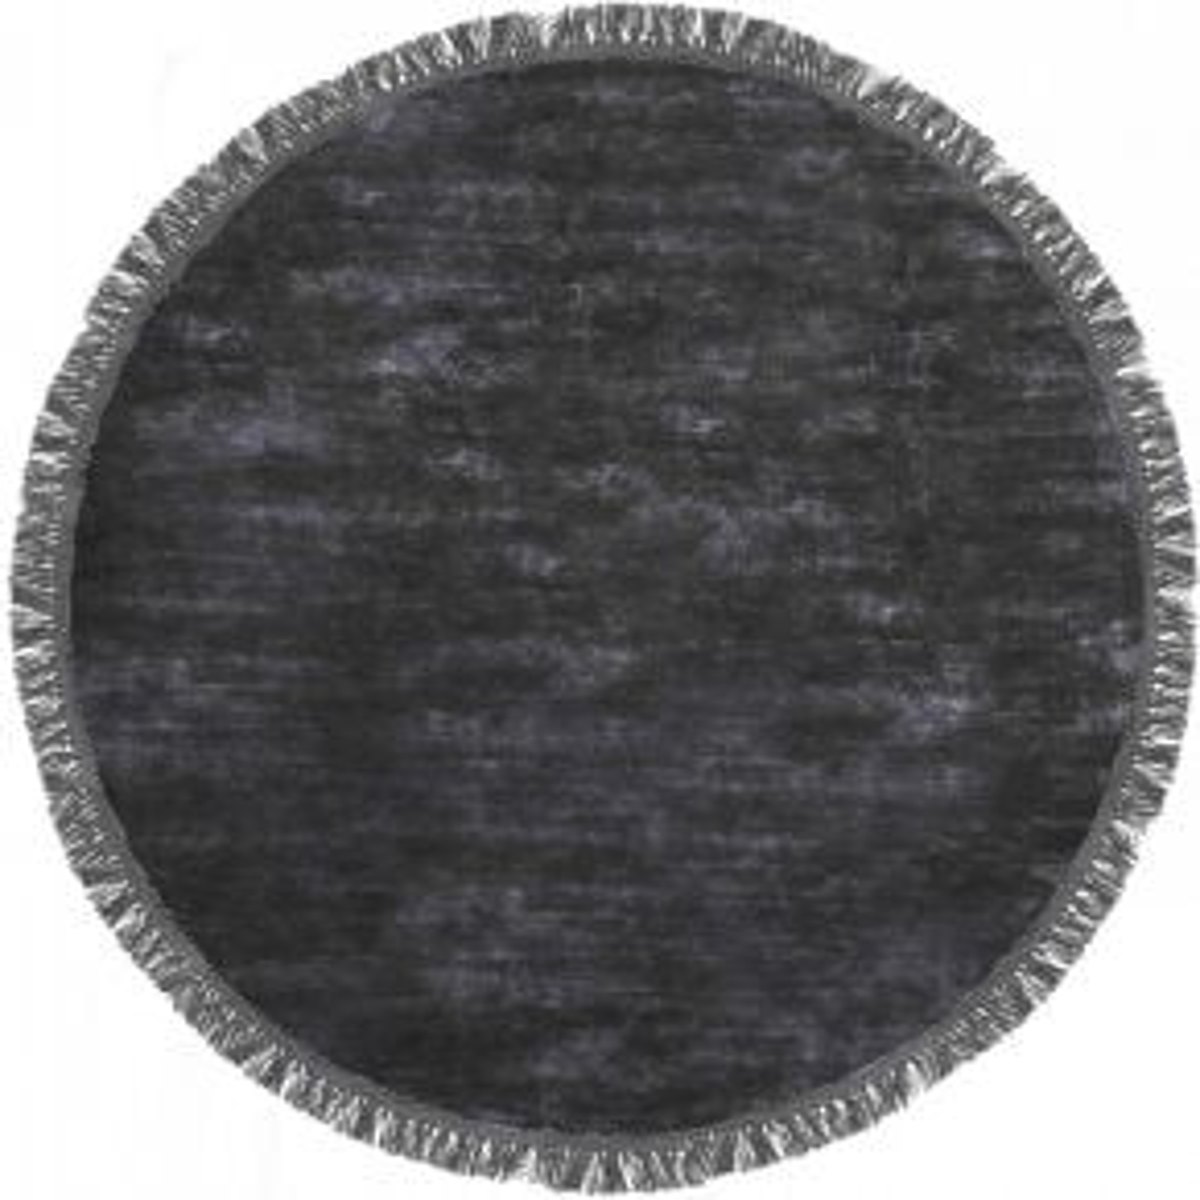 Dywan LUNA MIDNIGHT 200x200 czarny